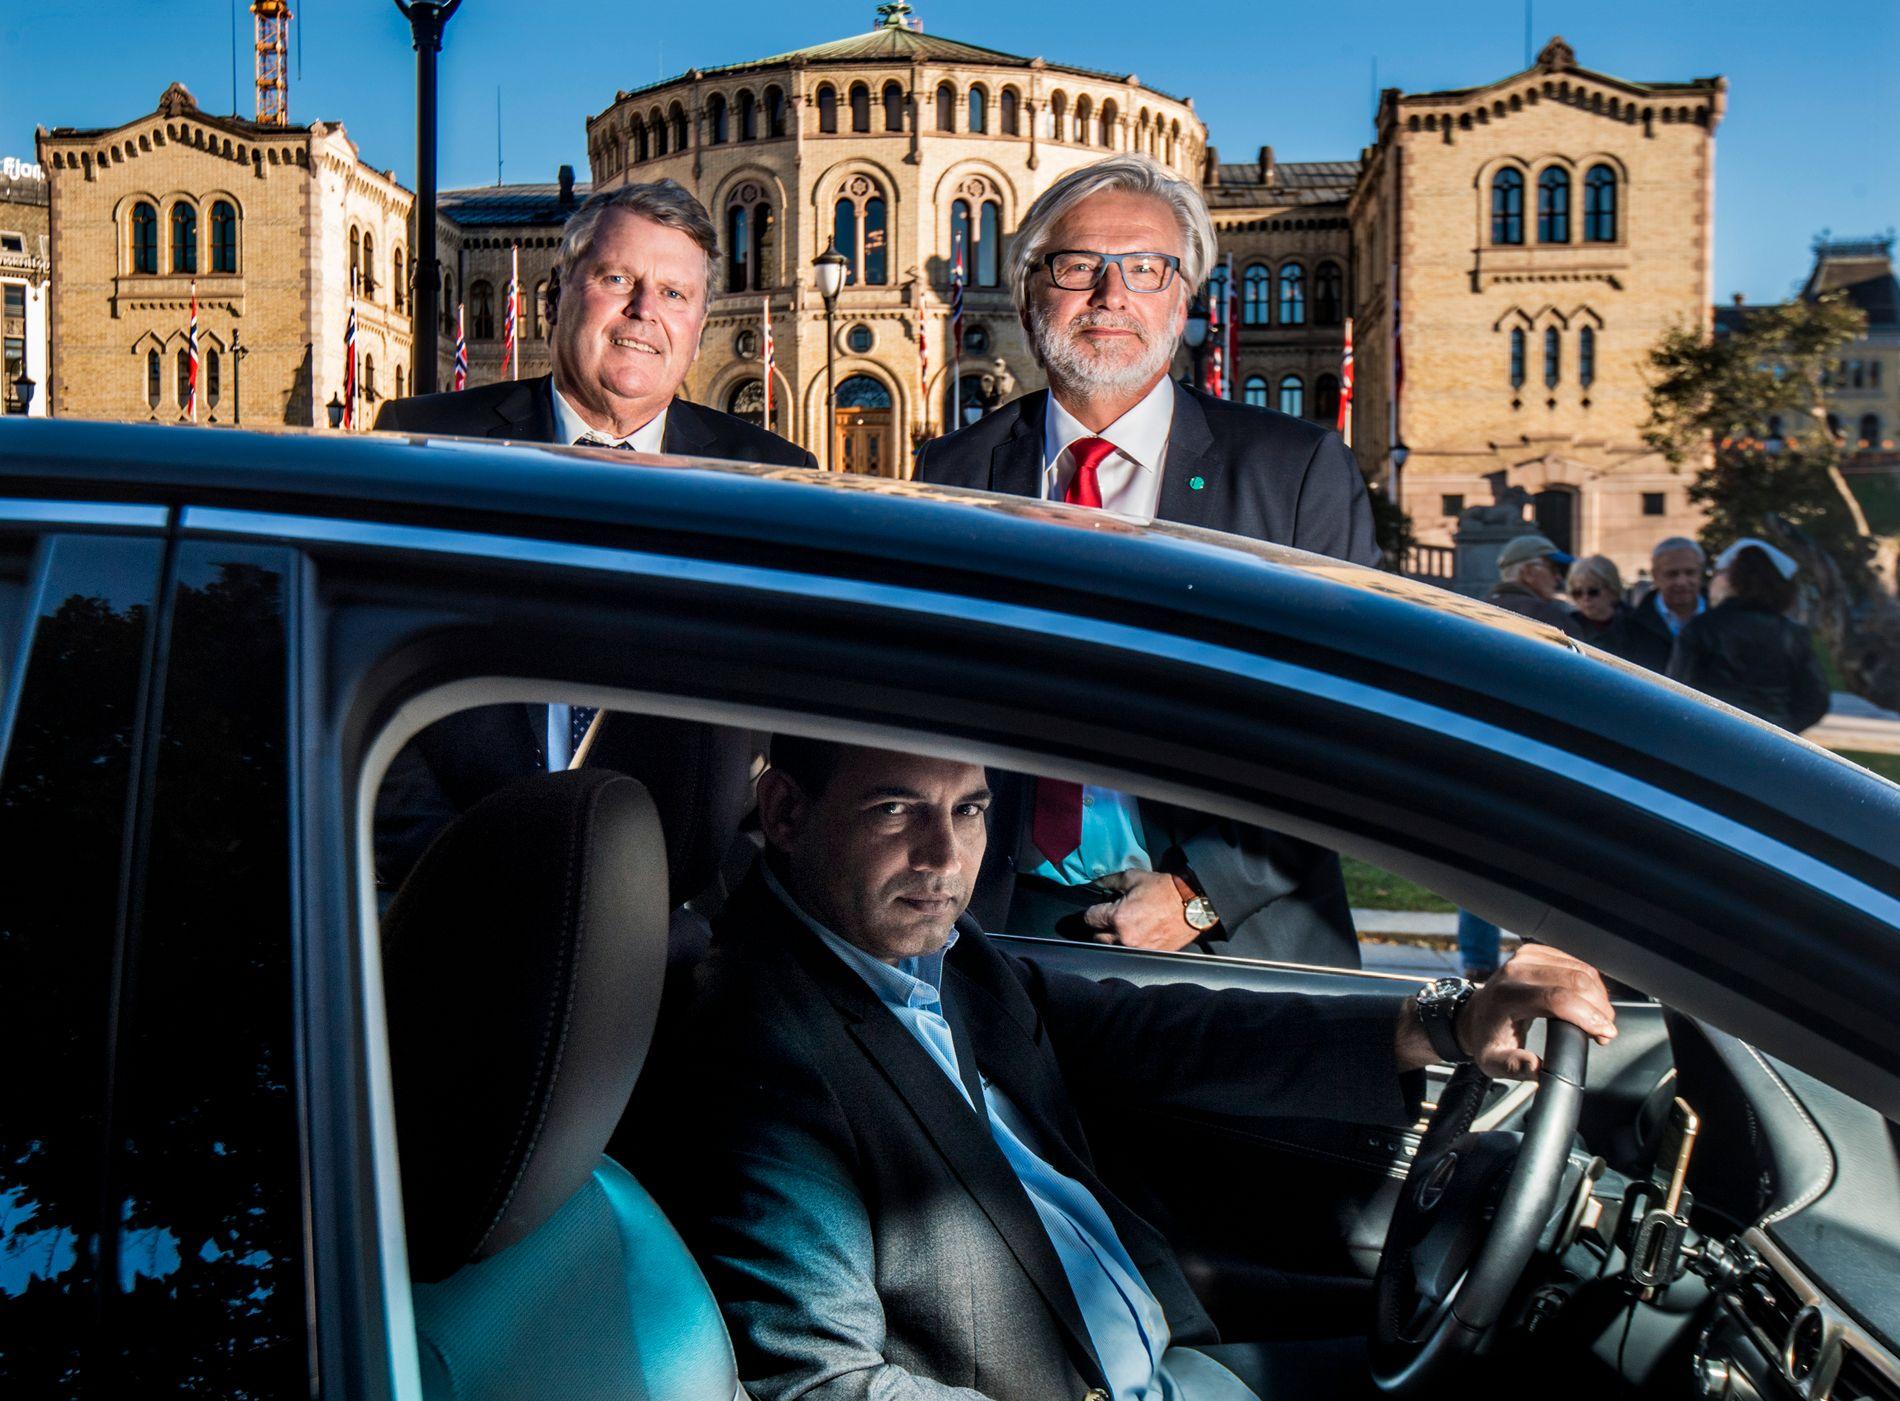 UBER-VILLIGE: KrFs Hans Fredrik Grøvan (foran) og Venstres Jon Gunnes ved en Uber Black foran Stortinget mandag ettermiddag, med Uber-sjåfør Tahir Abbas bak rattet. De foreslår et Uber-kompromiss.